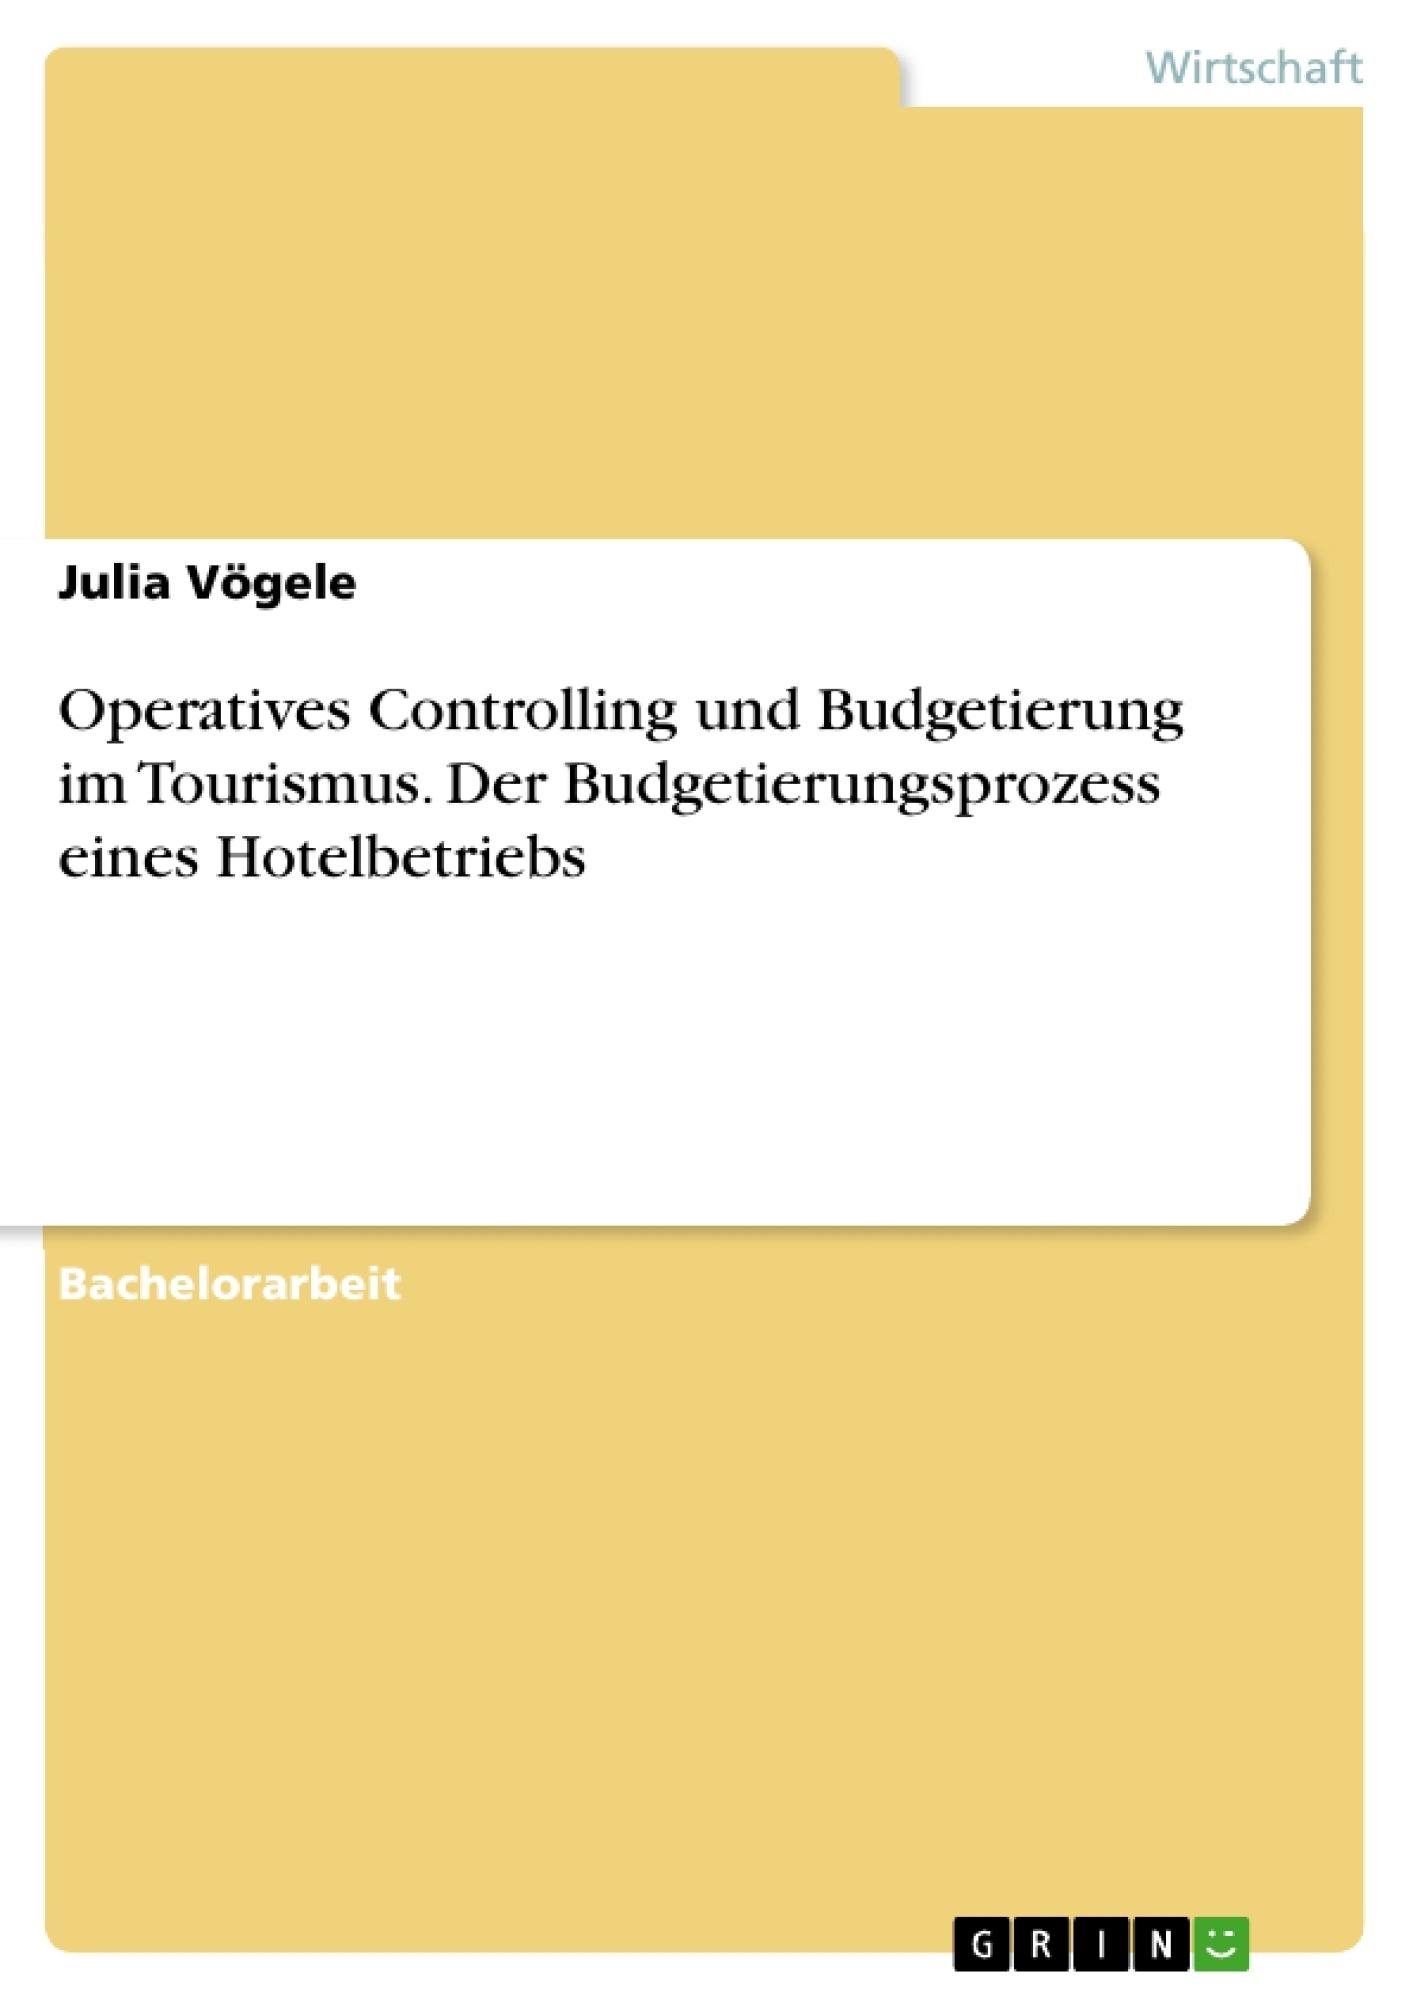 Titel: Operatives Controlling und Budgetierung im Tourismus. Der Budgetierungsprozess eines Hotelbetriebs